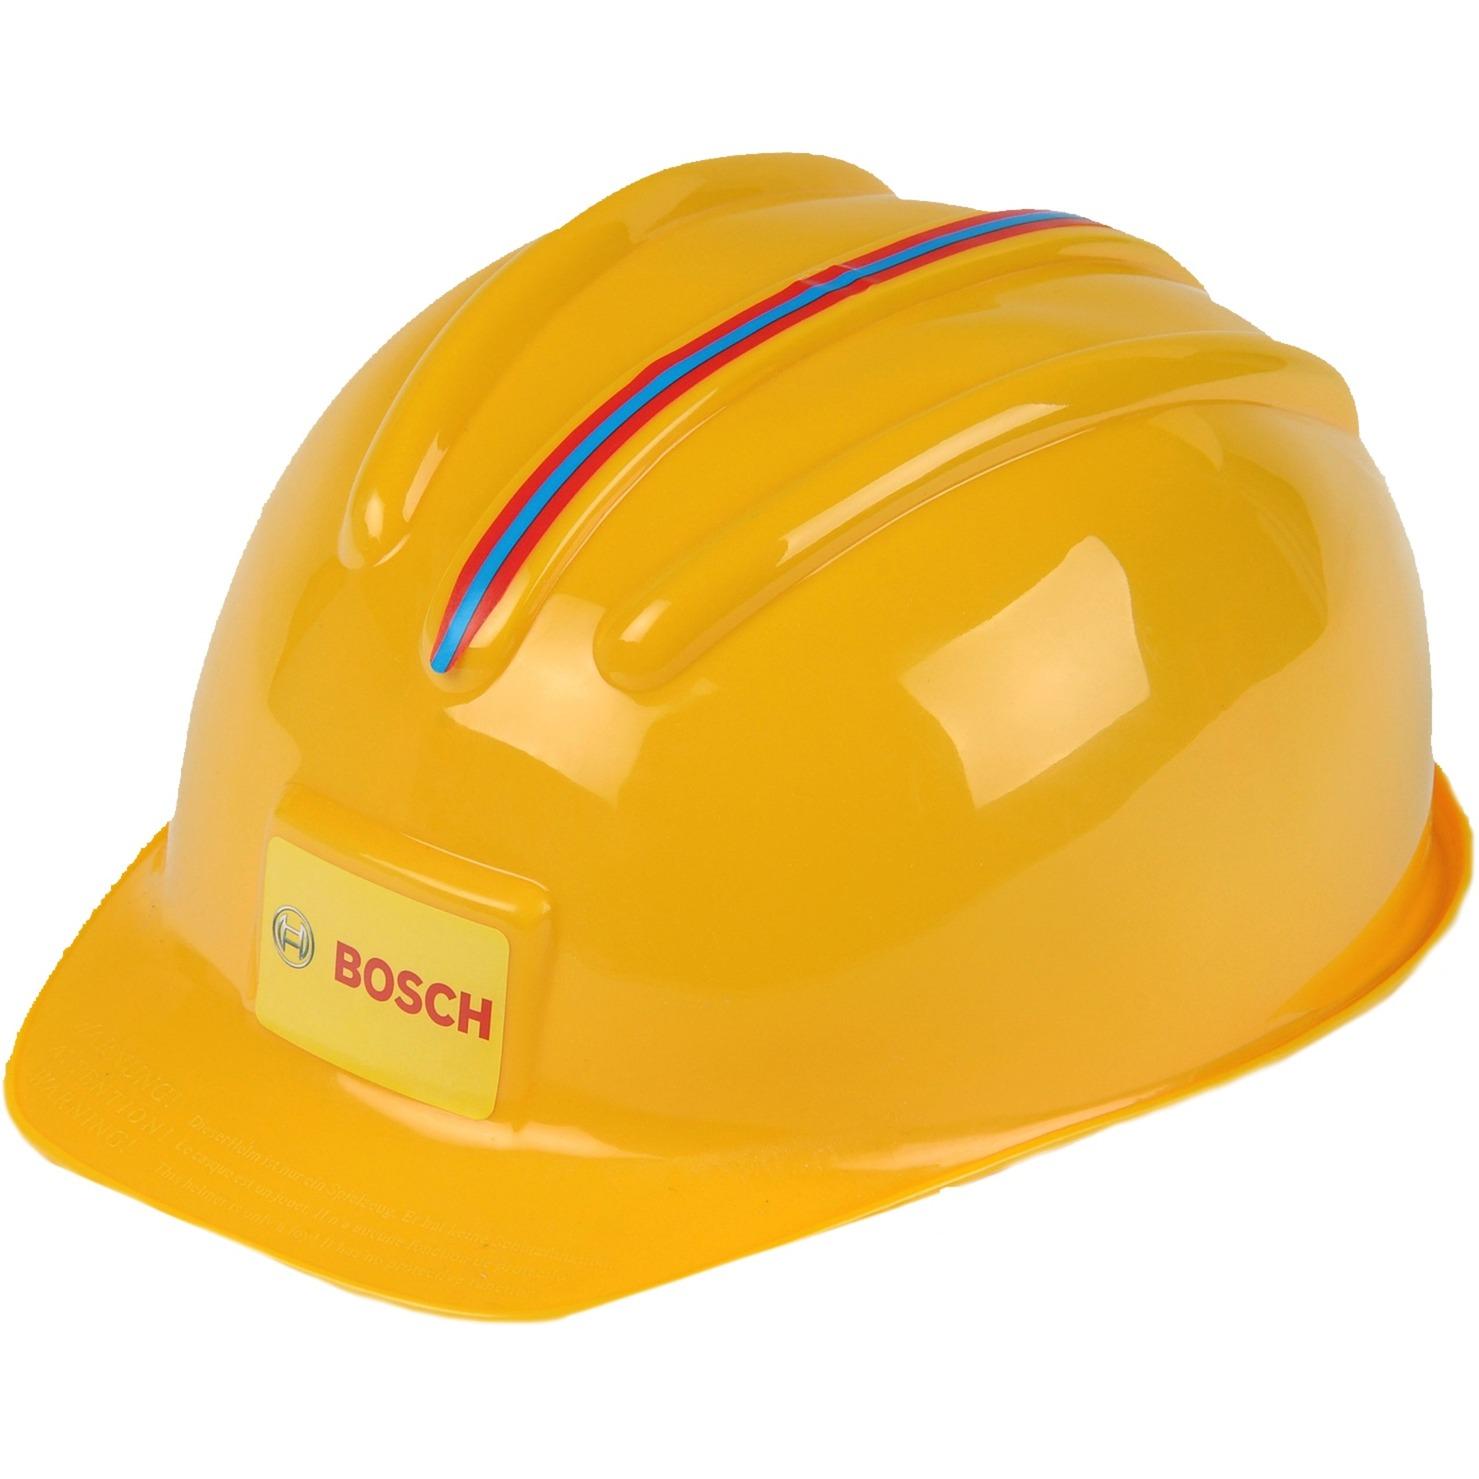 Image of Bosch Handwerkerhelm, Kinderwerkzeug